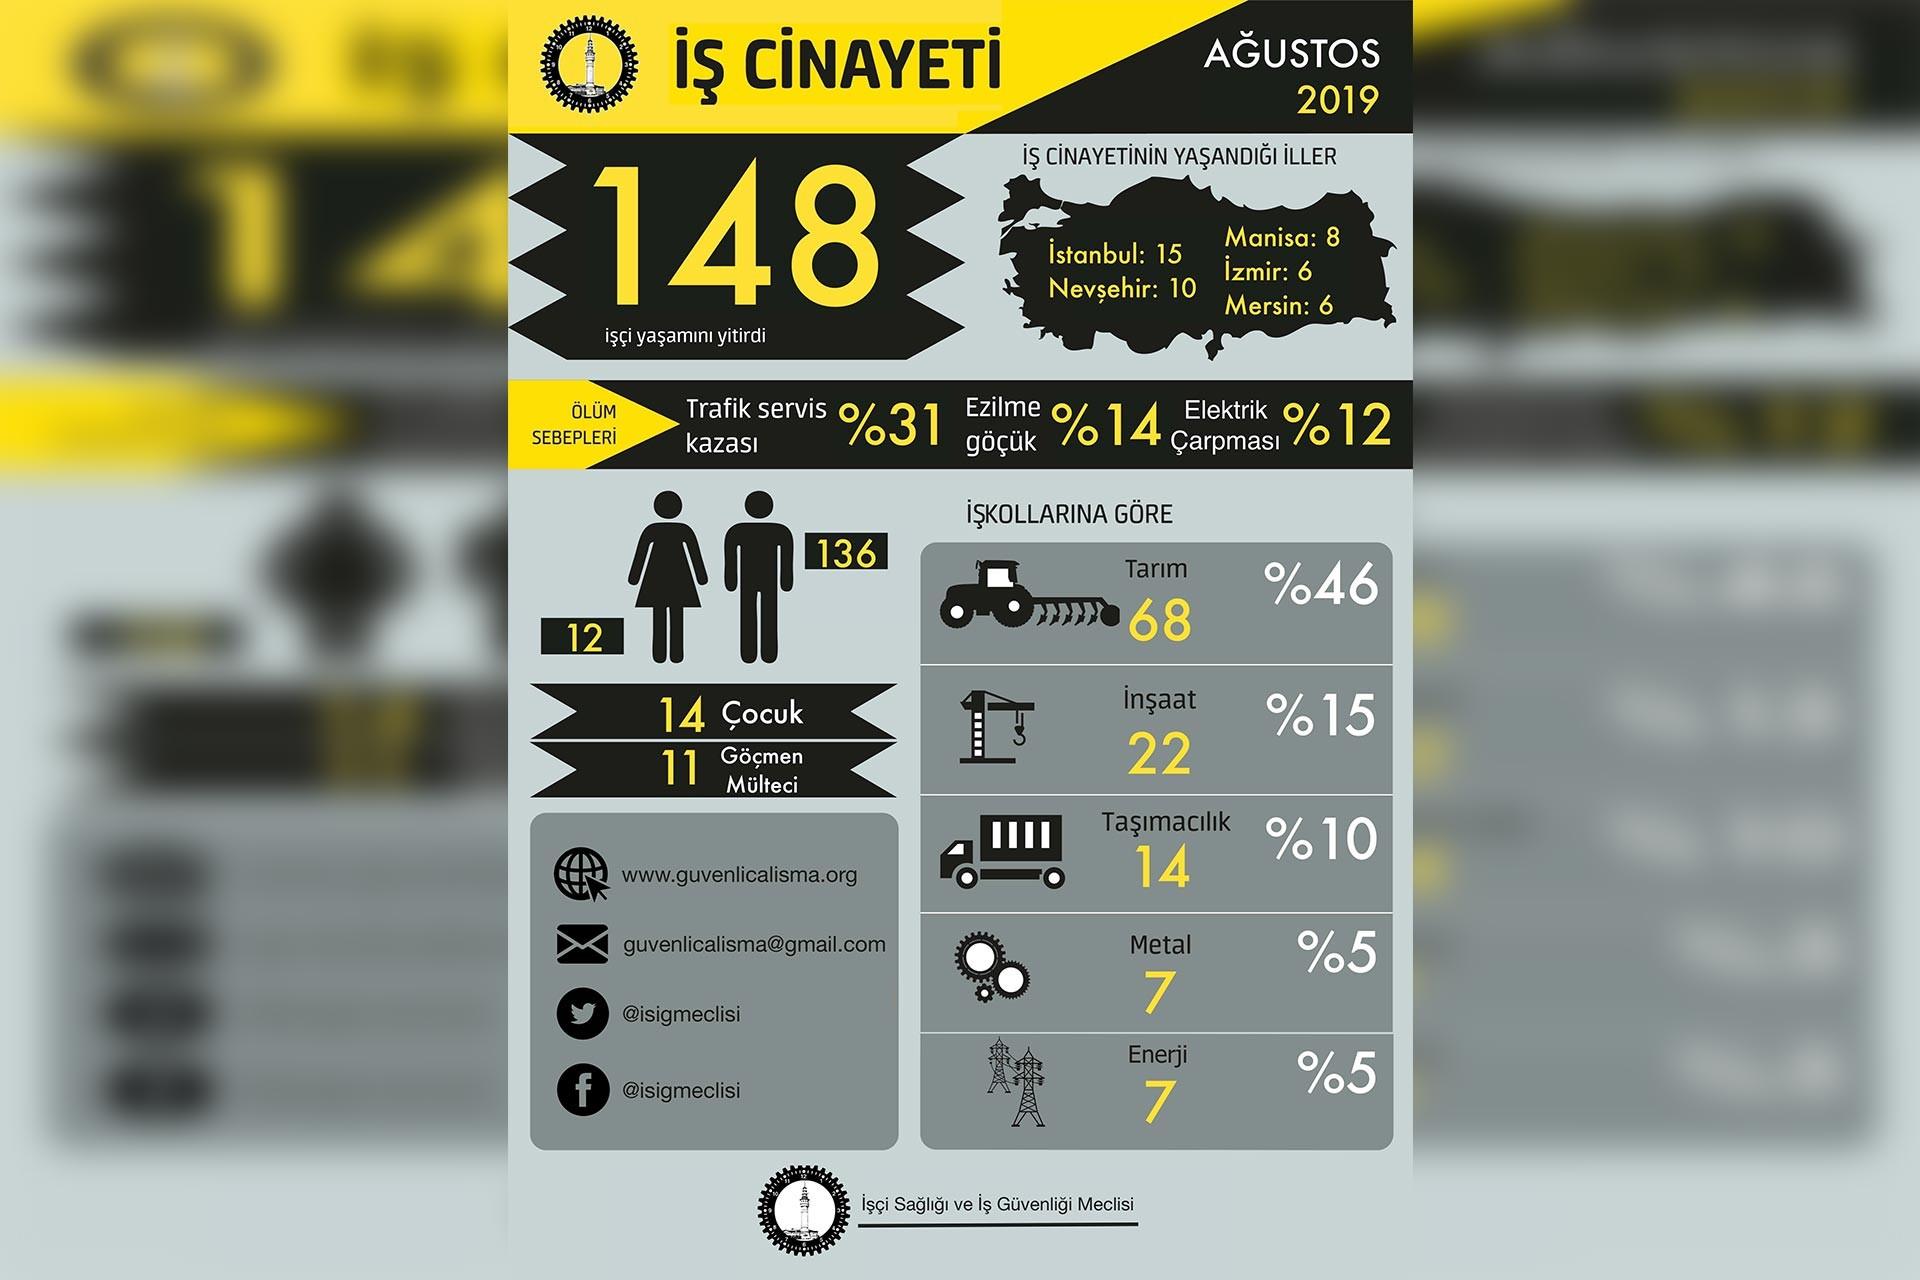 Ağustos ayında en az 148 işçi iş cinayetinde hayatını kaybetti